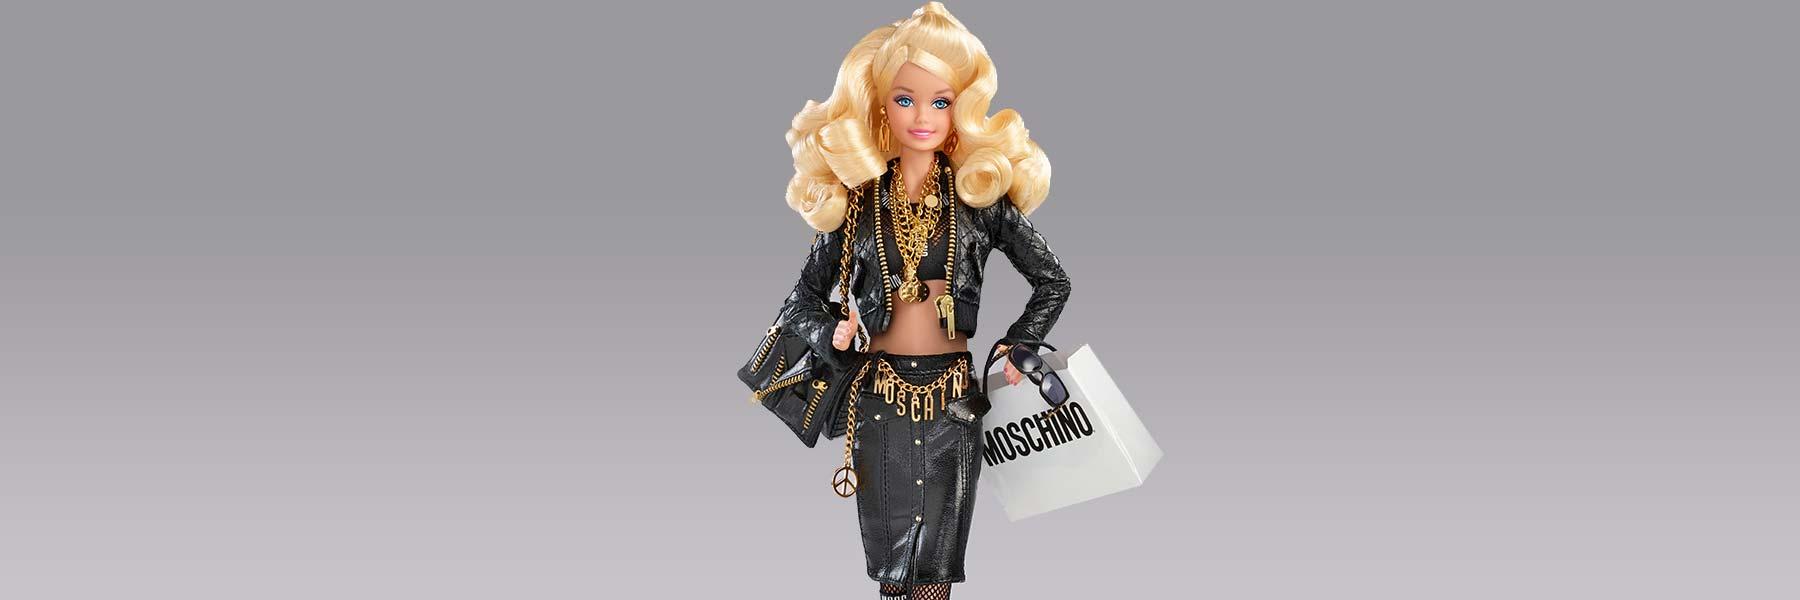 Barbie1800x600